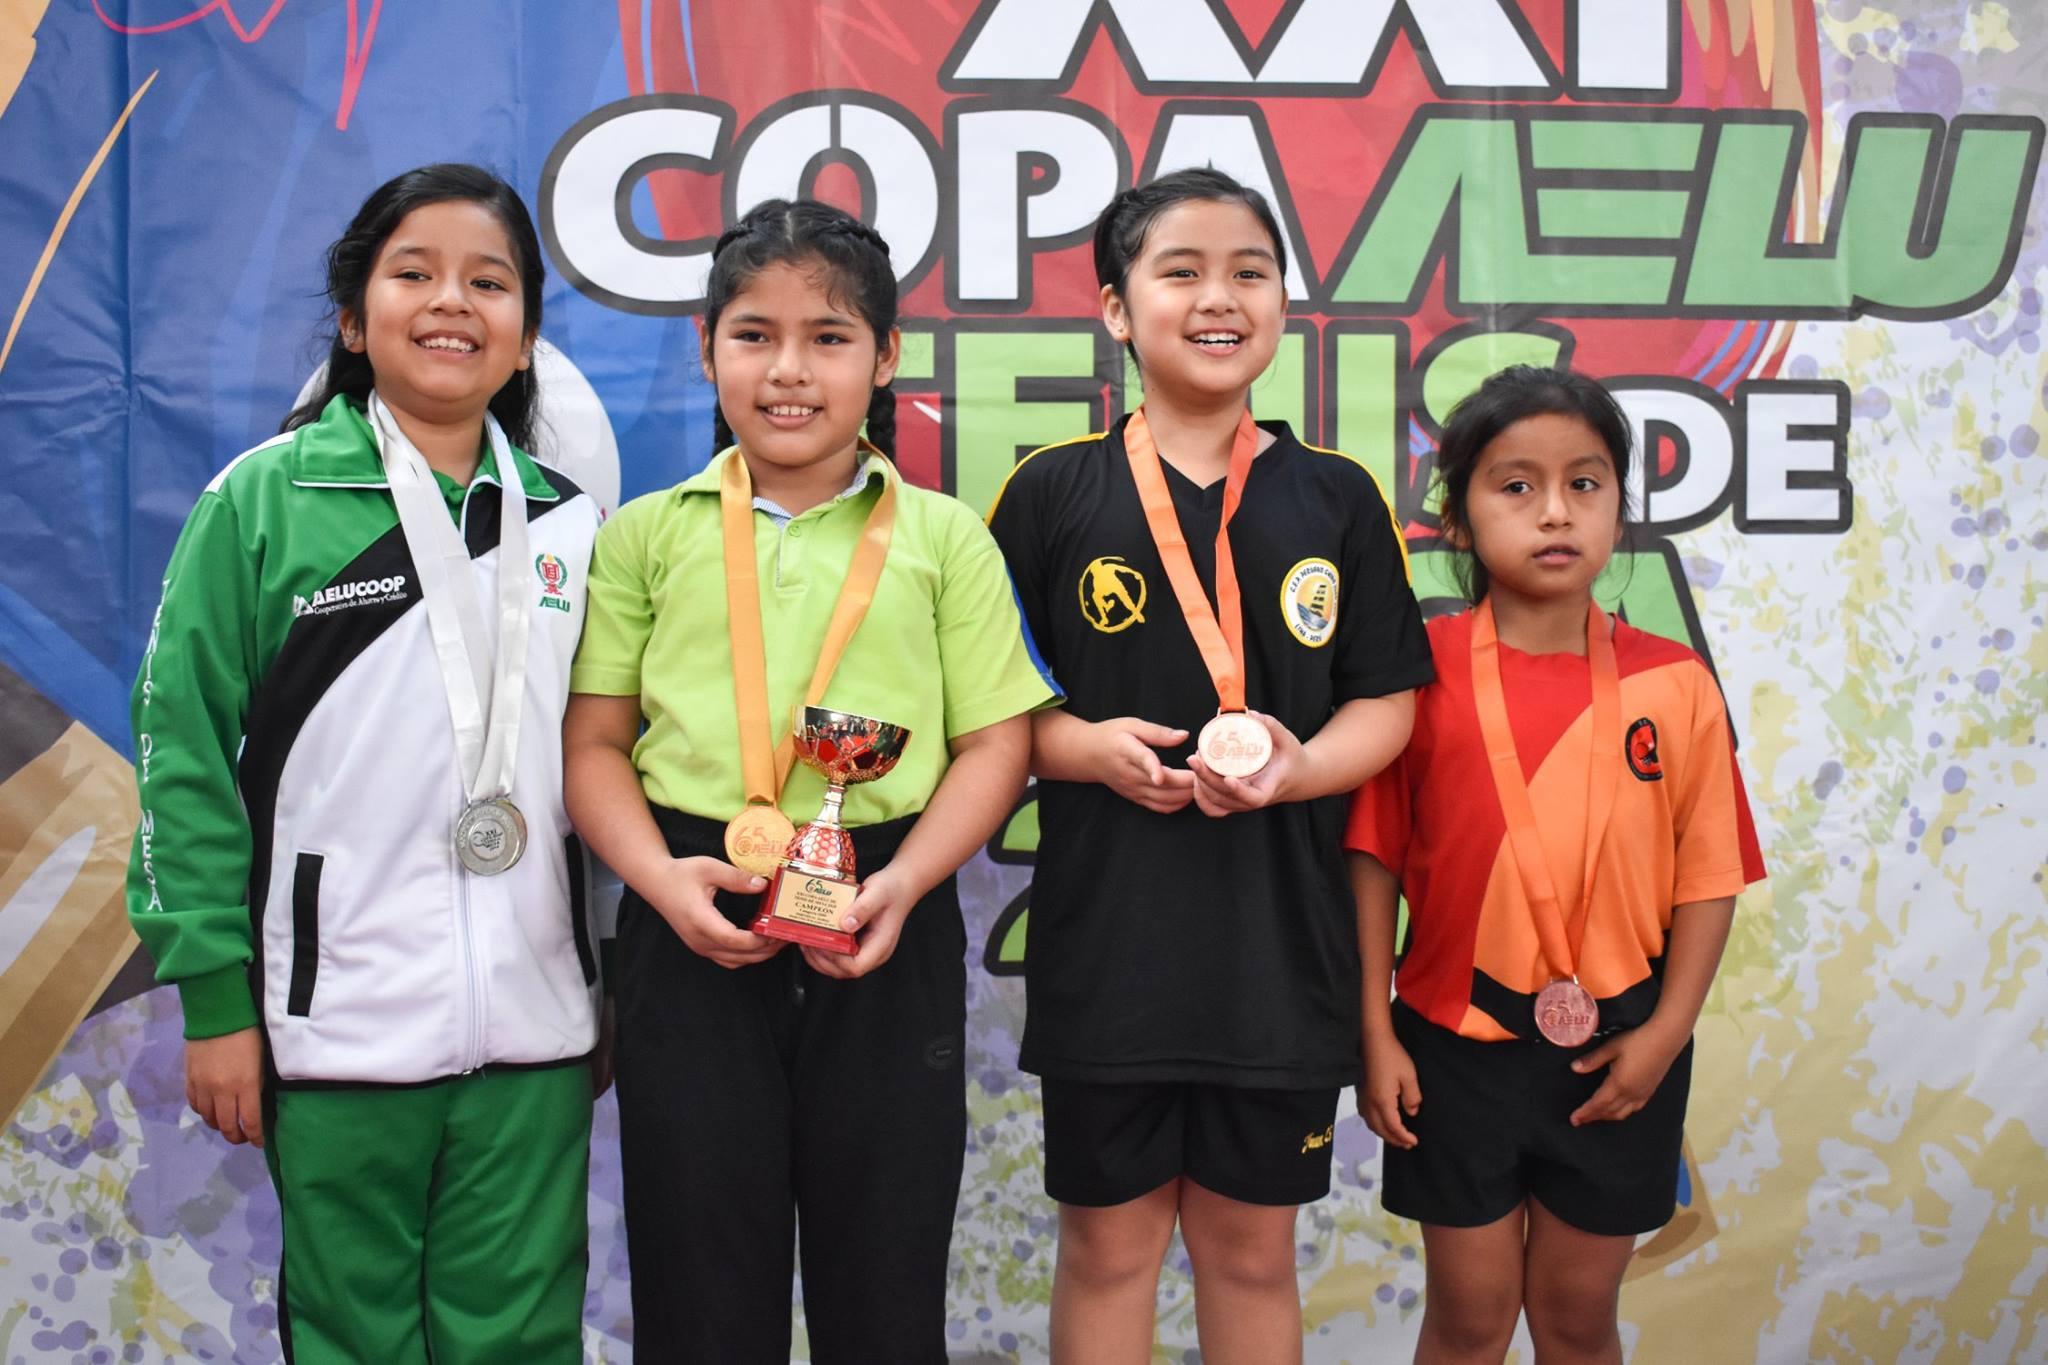 Tenis de mesa – Copa AELU XXI 2018